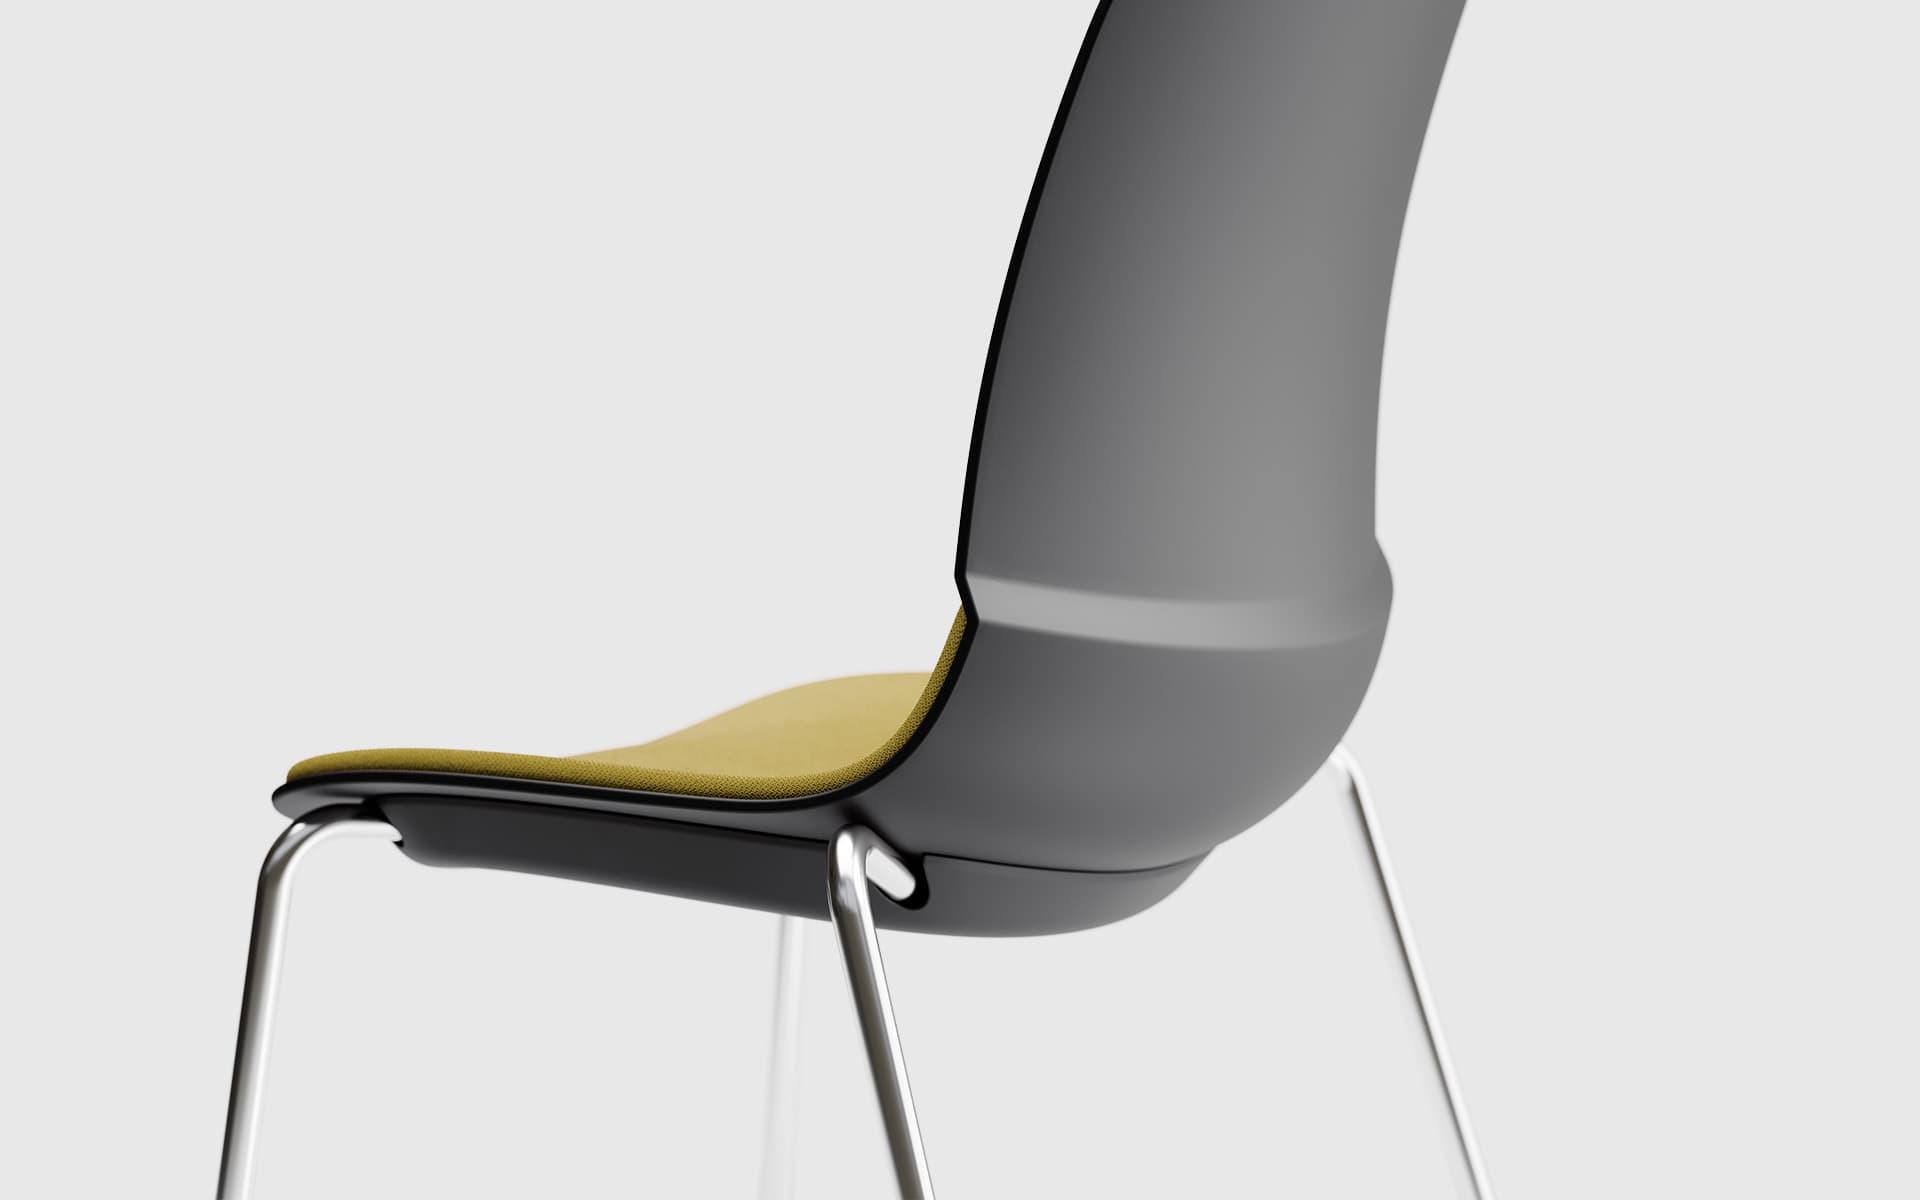 Nahaufnahme eines Patra Mika Mehrzweckstuhls von ITO Design in schwarz mit ockerfarbenem Bezug